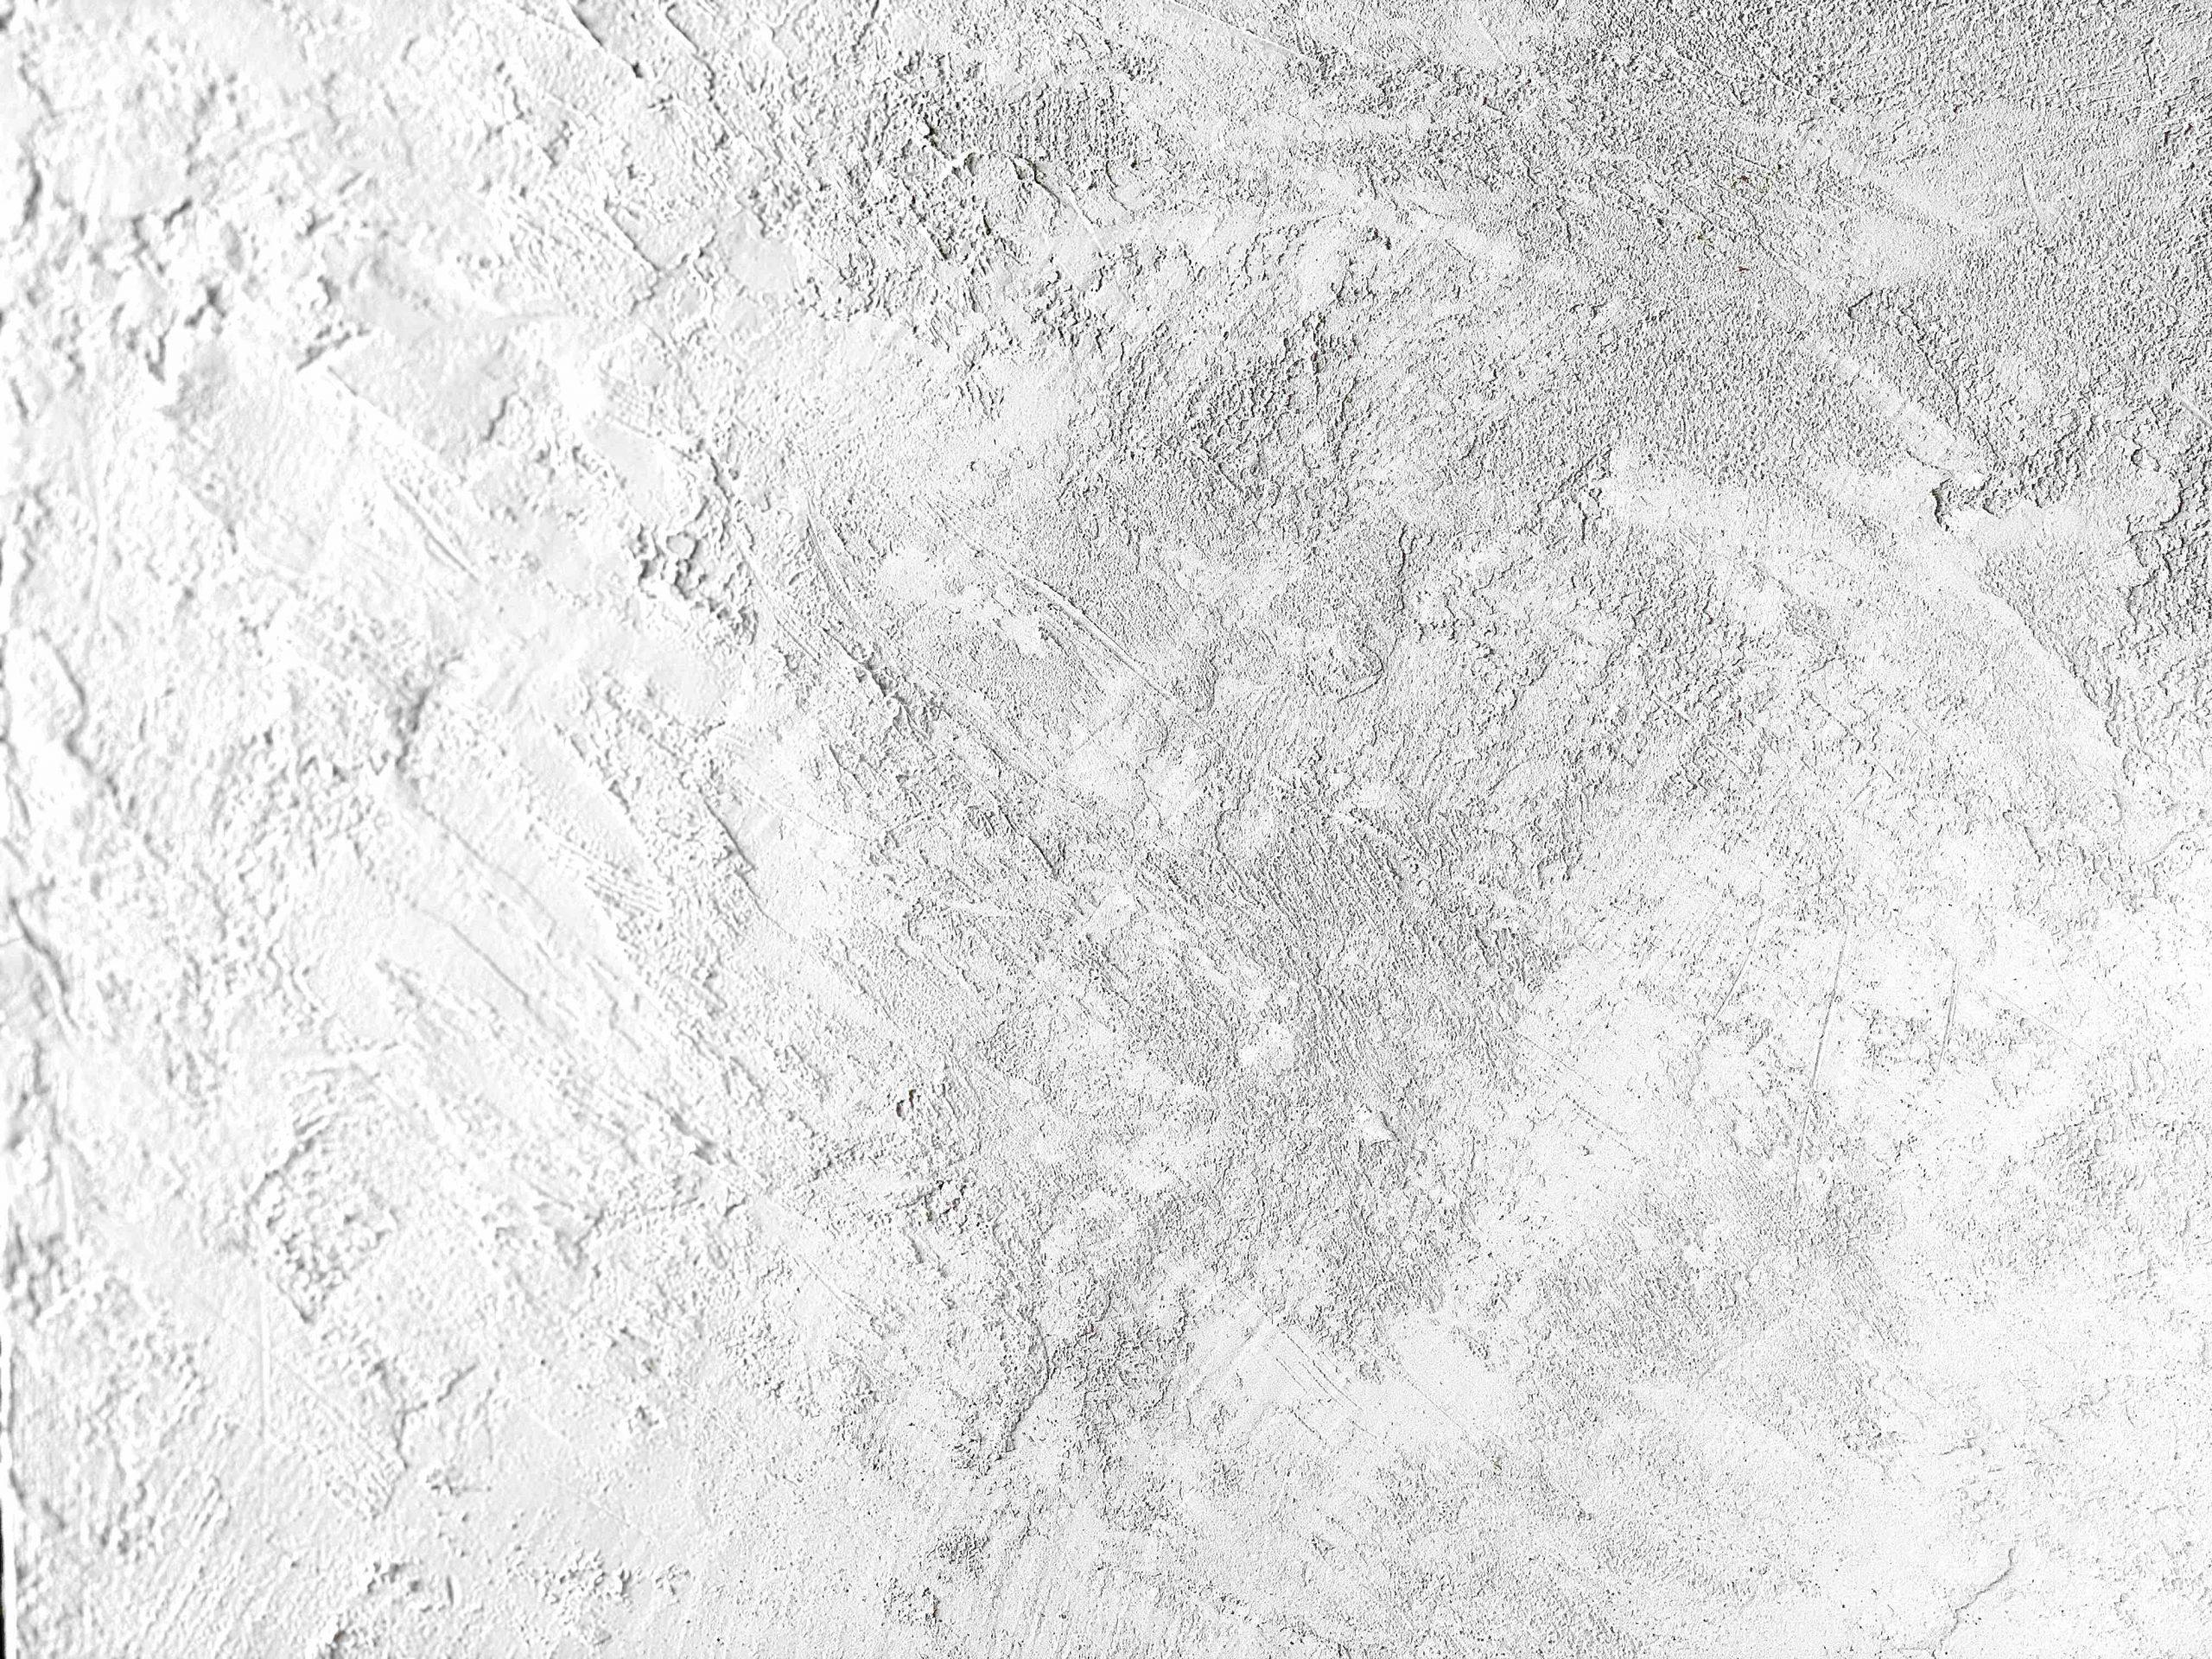 美容室・美容院の新規開業・独立なら「一回で違いがわかる空間デザイン会社」BRIDGE DESIGN WORK'S ブリッジデザインワークスへお任せください 美容室 美容院の開業,独立 店舗 設計 内装 外装 工事 空間デザイン 広告 集客 求人 人気 ローコスト 物件 激安 リノベーション リフォーム デザイナーズ カフェ 美容室施工 ハイセンス おしゃれ 新店舗 美容師 年収 失敗 成功 給料 儲かる 建築 坪単価 モルタル 求人 口コミ 人気 評判 大阪 京都 奈良 和歌山 神戸